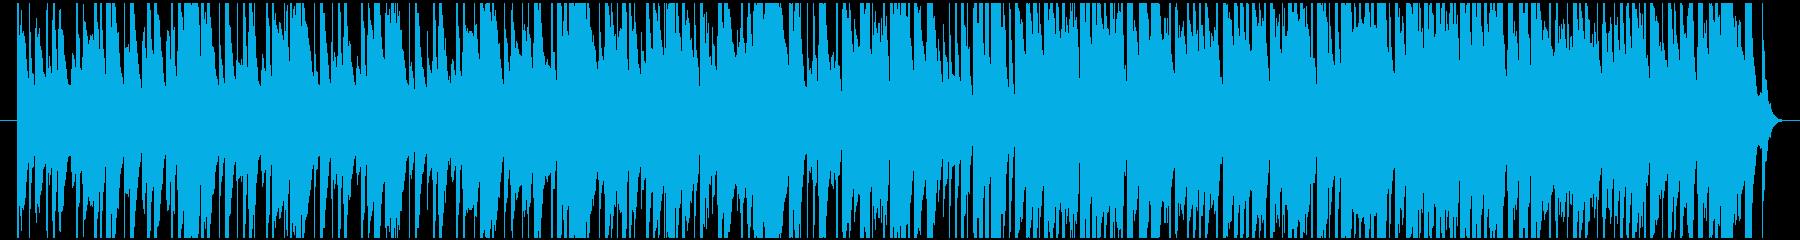 ラテン風のお気楽な雰囲気のBGMの再生済みの波形